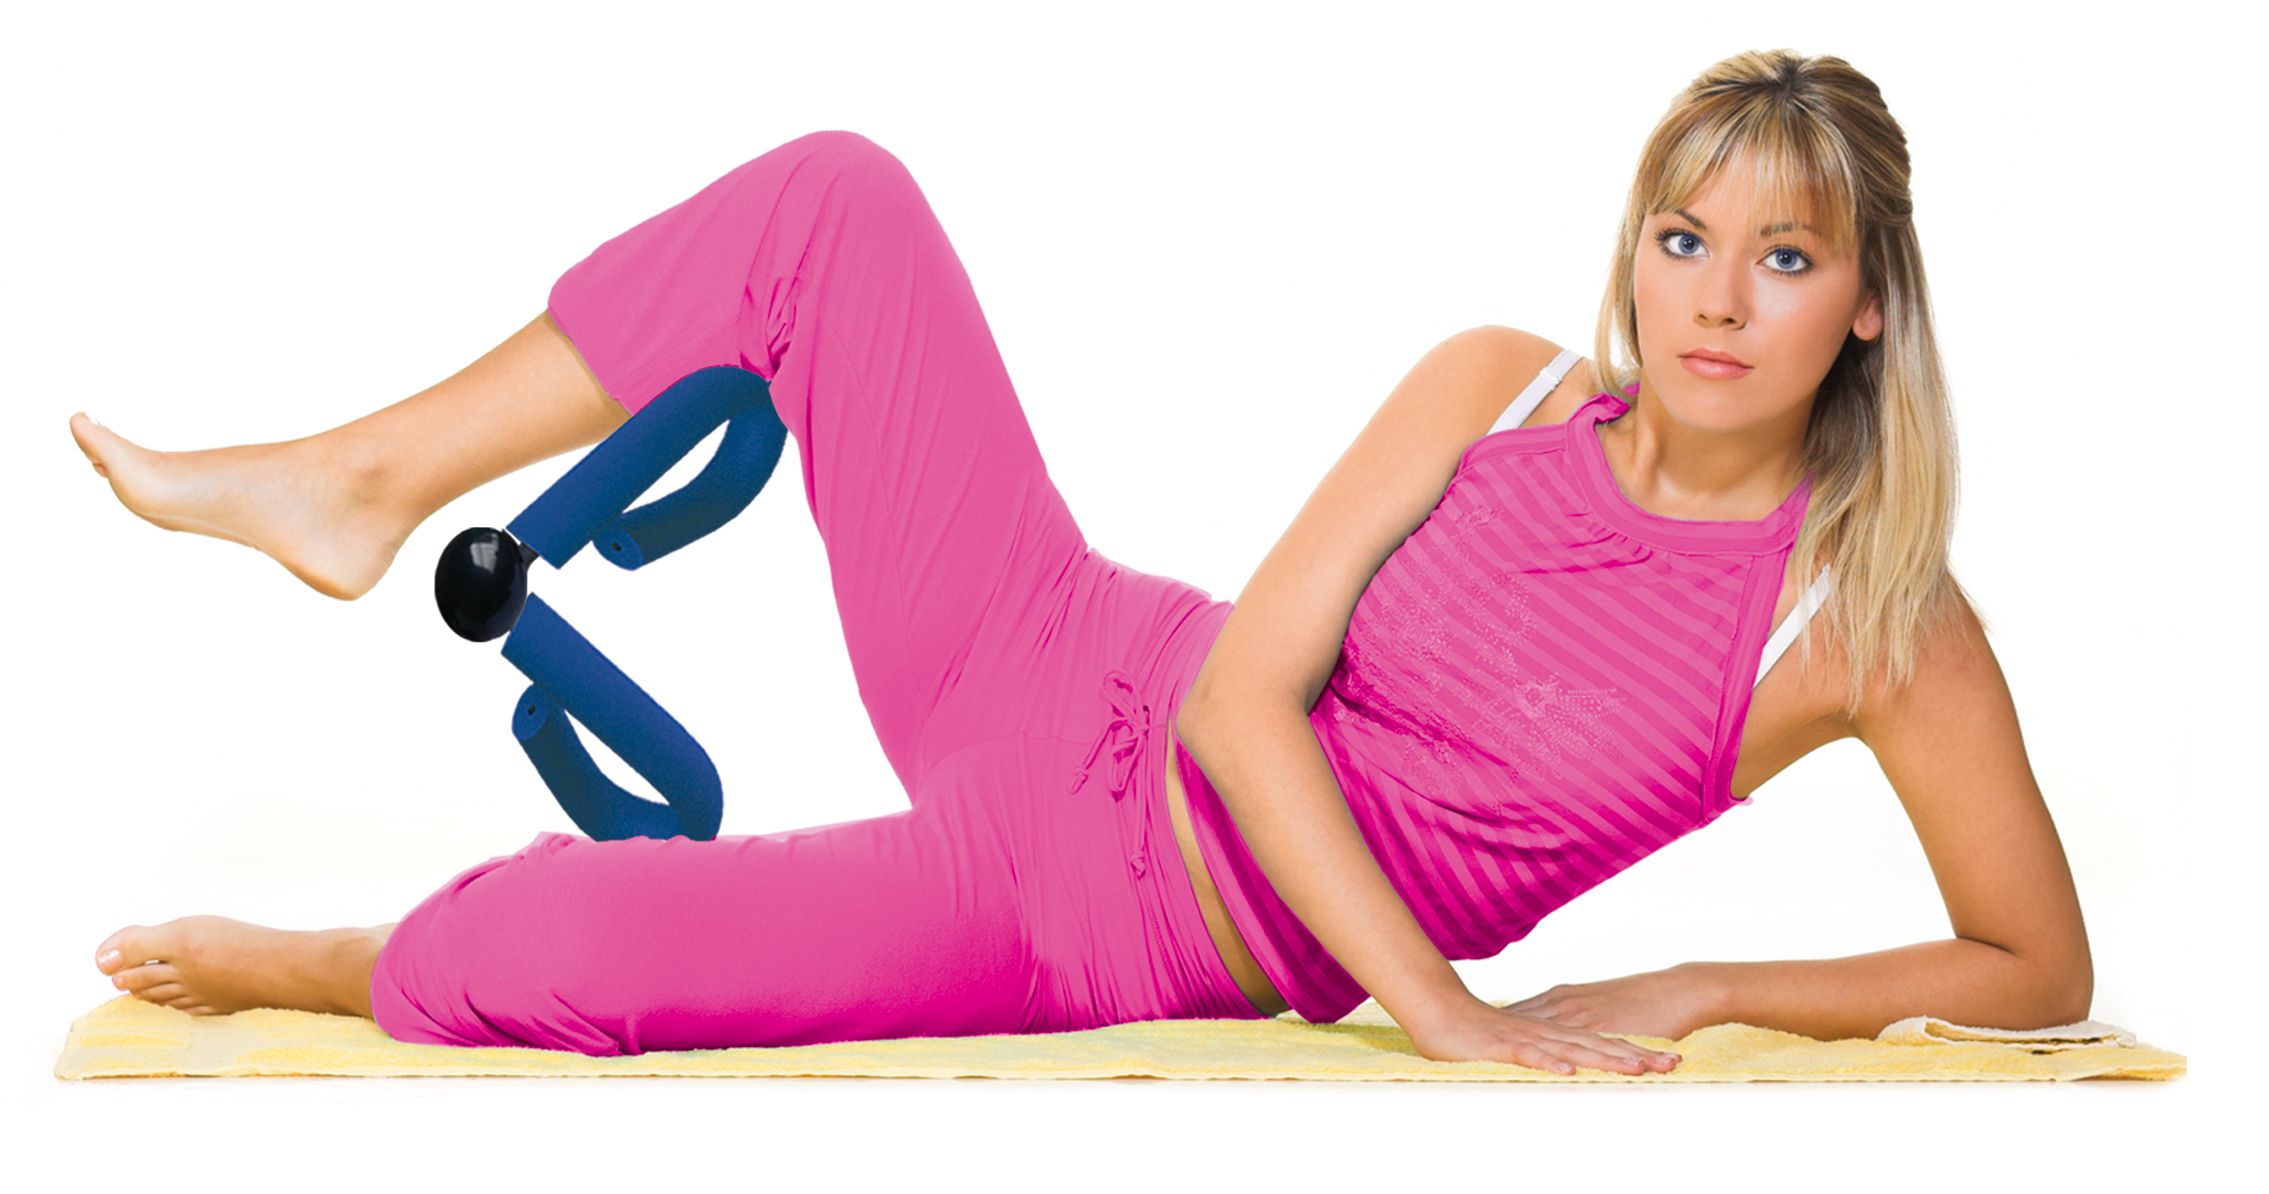 Упражнения для ног. Тренажеры для бедер и ягодиц